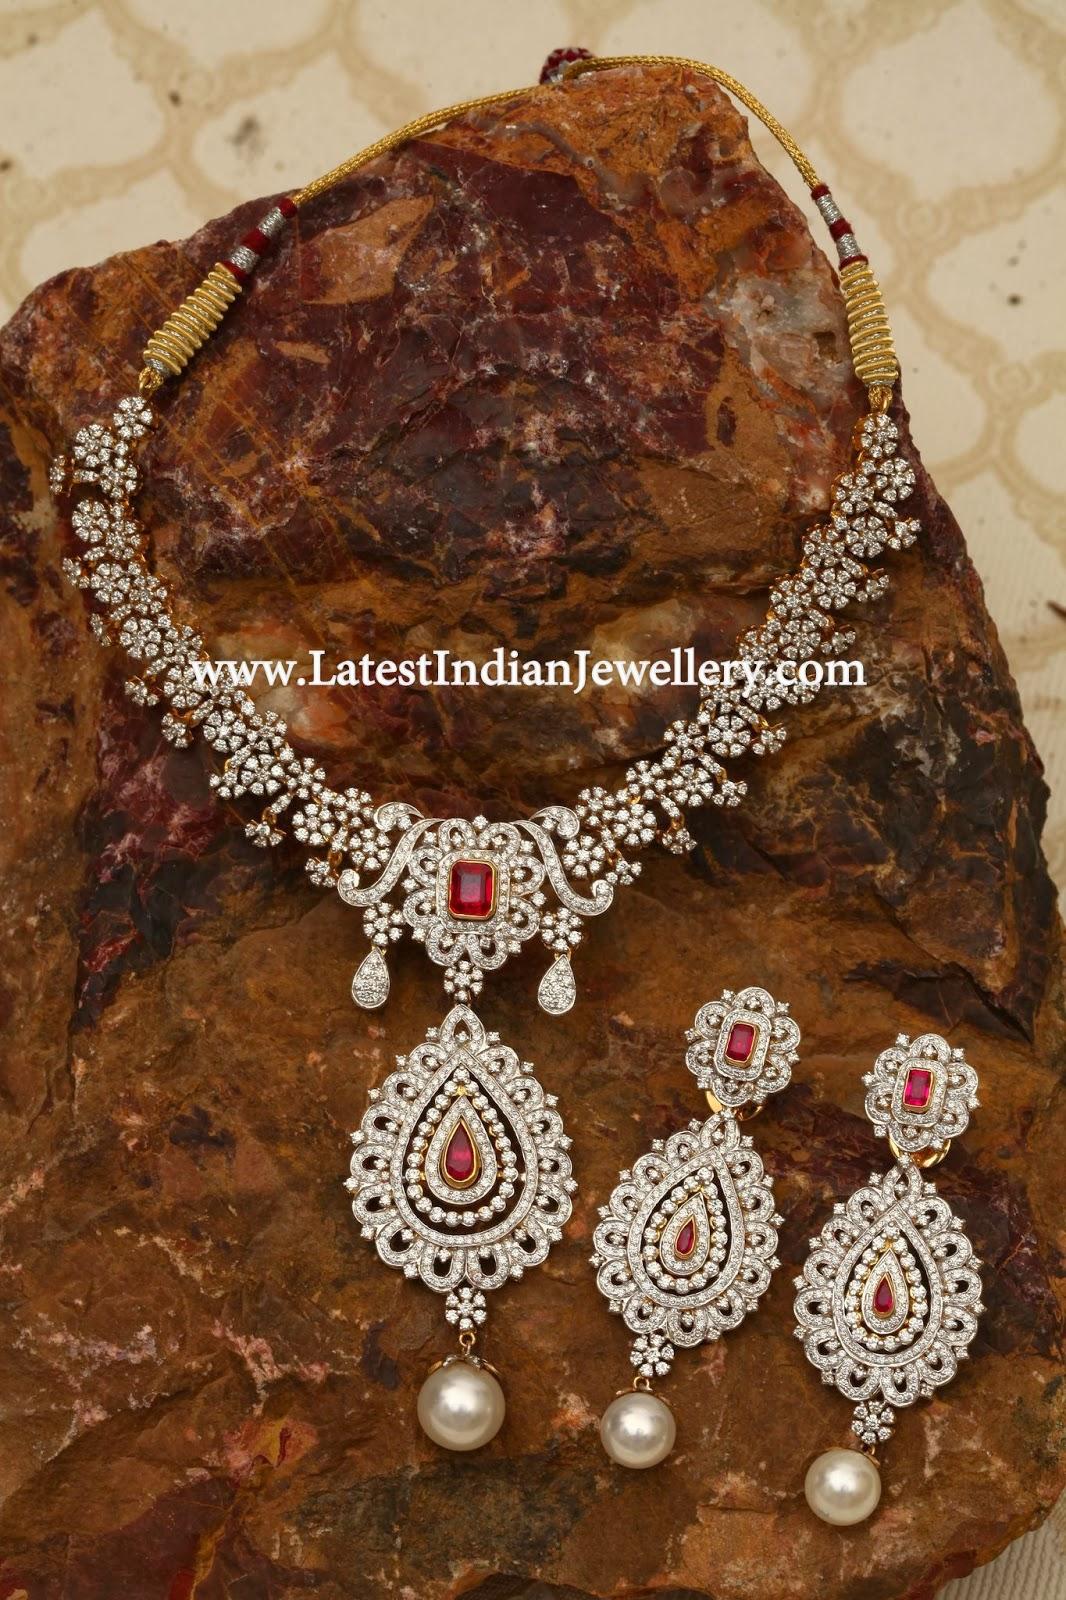 Diamond Ruby Necklace Set